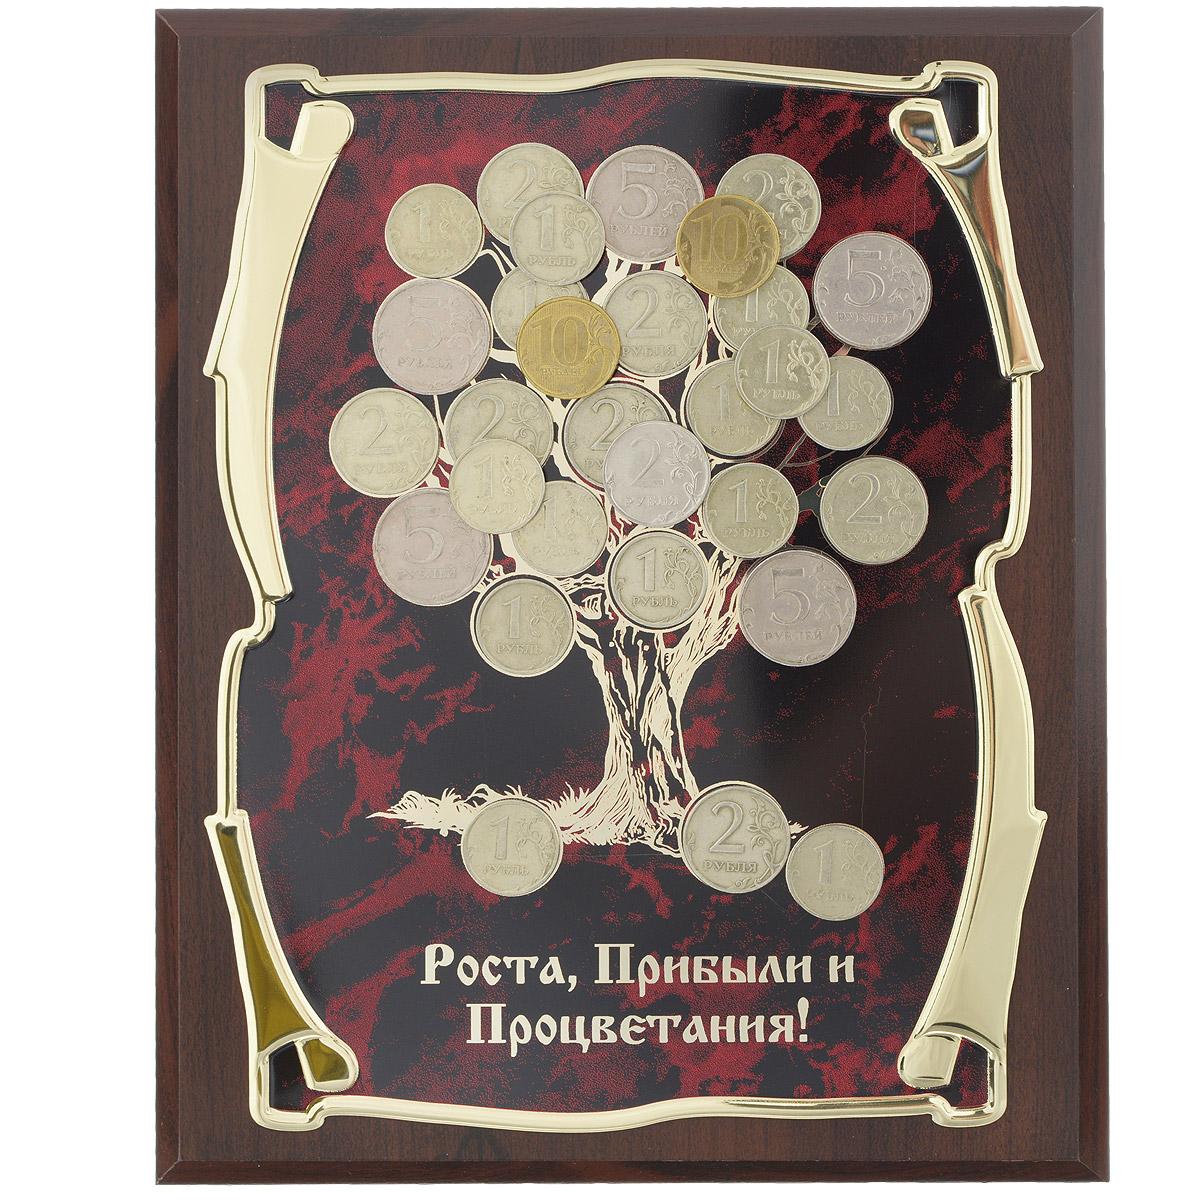 Панно Денежное дерево, 20,5 х 25,5 см 60301001IDEA CT3-06Панно Денежное дерево - замечательный сувенир и прекрасный элемент декора. Прямоугольное основание изделия выполнено из МДФ темно-коричневого цвета. По центру размещена металлическая пластина из латунированной стали с изображением дерева, декорированного настоящими монетами. Ниже расположена надпись Роста, Прибыли и Процветания!. Технология нанесения текста - лазерная гравировка. С задней стороны имеются отверстия для размещения на стене. Панно упаковано в изысканную подарочную коробку, закрывающуюся на замочек. Внутренняя поверхность коробки задрапирована атласной тканью светлых тонов.